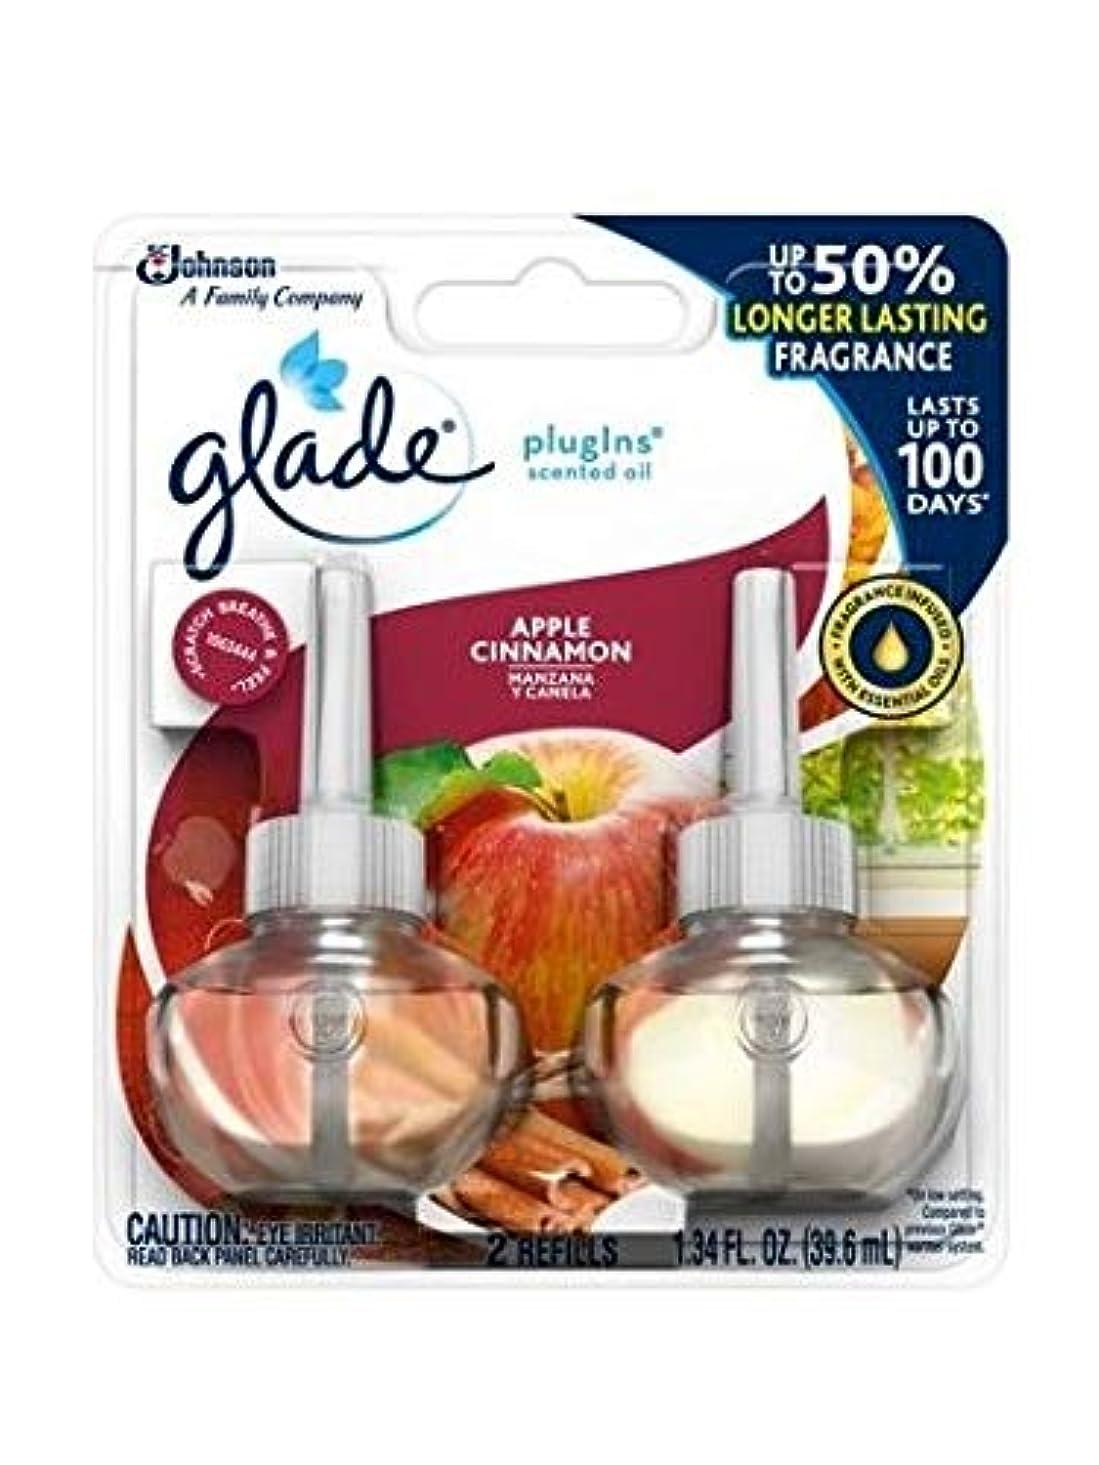 伝統扱いやすい名誉【glade/グレード】 プラグインオイル 詰替え用リフィル(2個入り) アップルシナモン Glade Plugins Scented Oil Apple Cinnamon 2 refills 1.34oz(39.6ml) [並行輸入品]